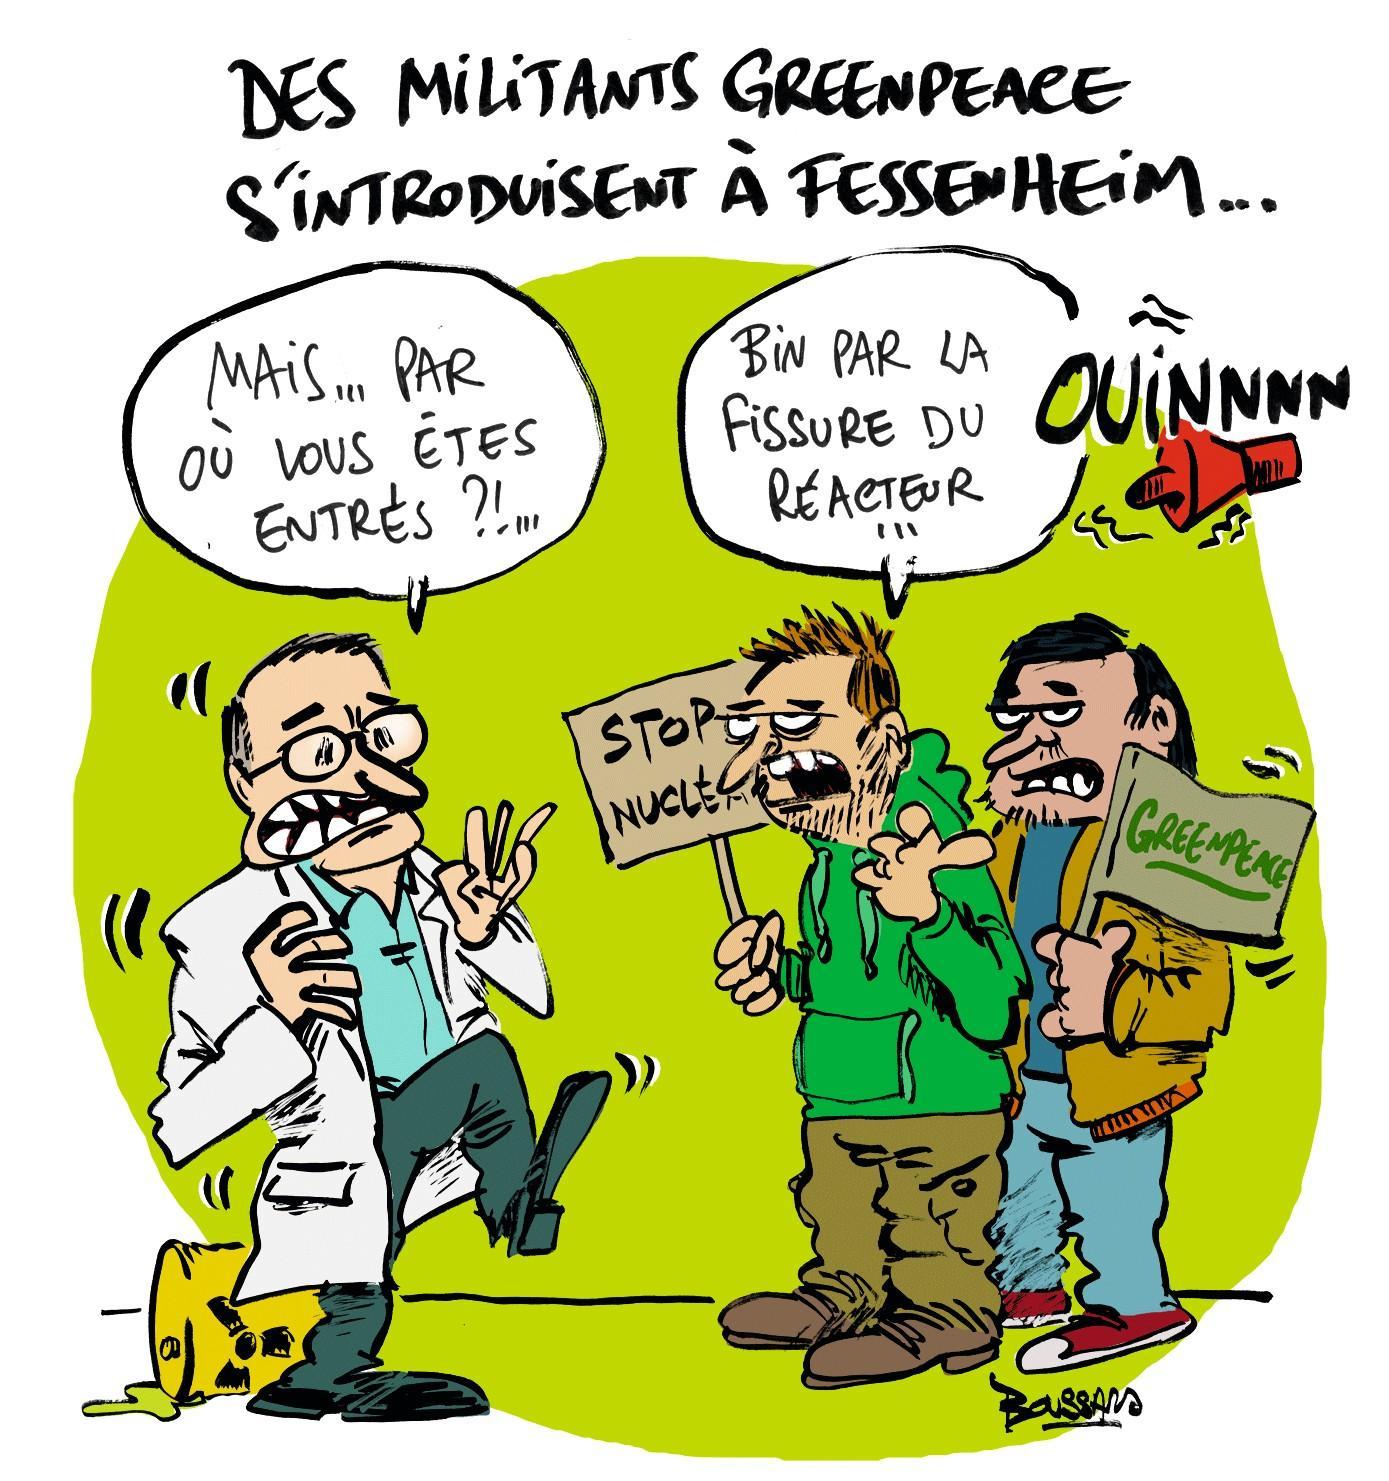 Des militants s'introduisent dans une centrale nucléaire française en 2015